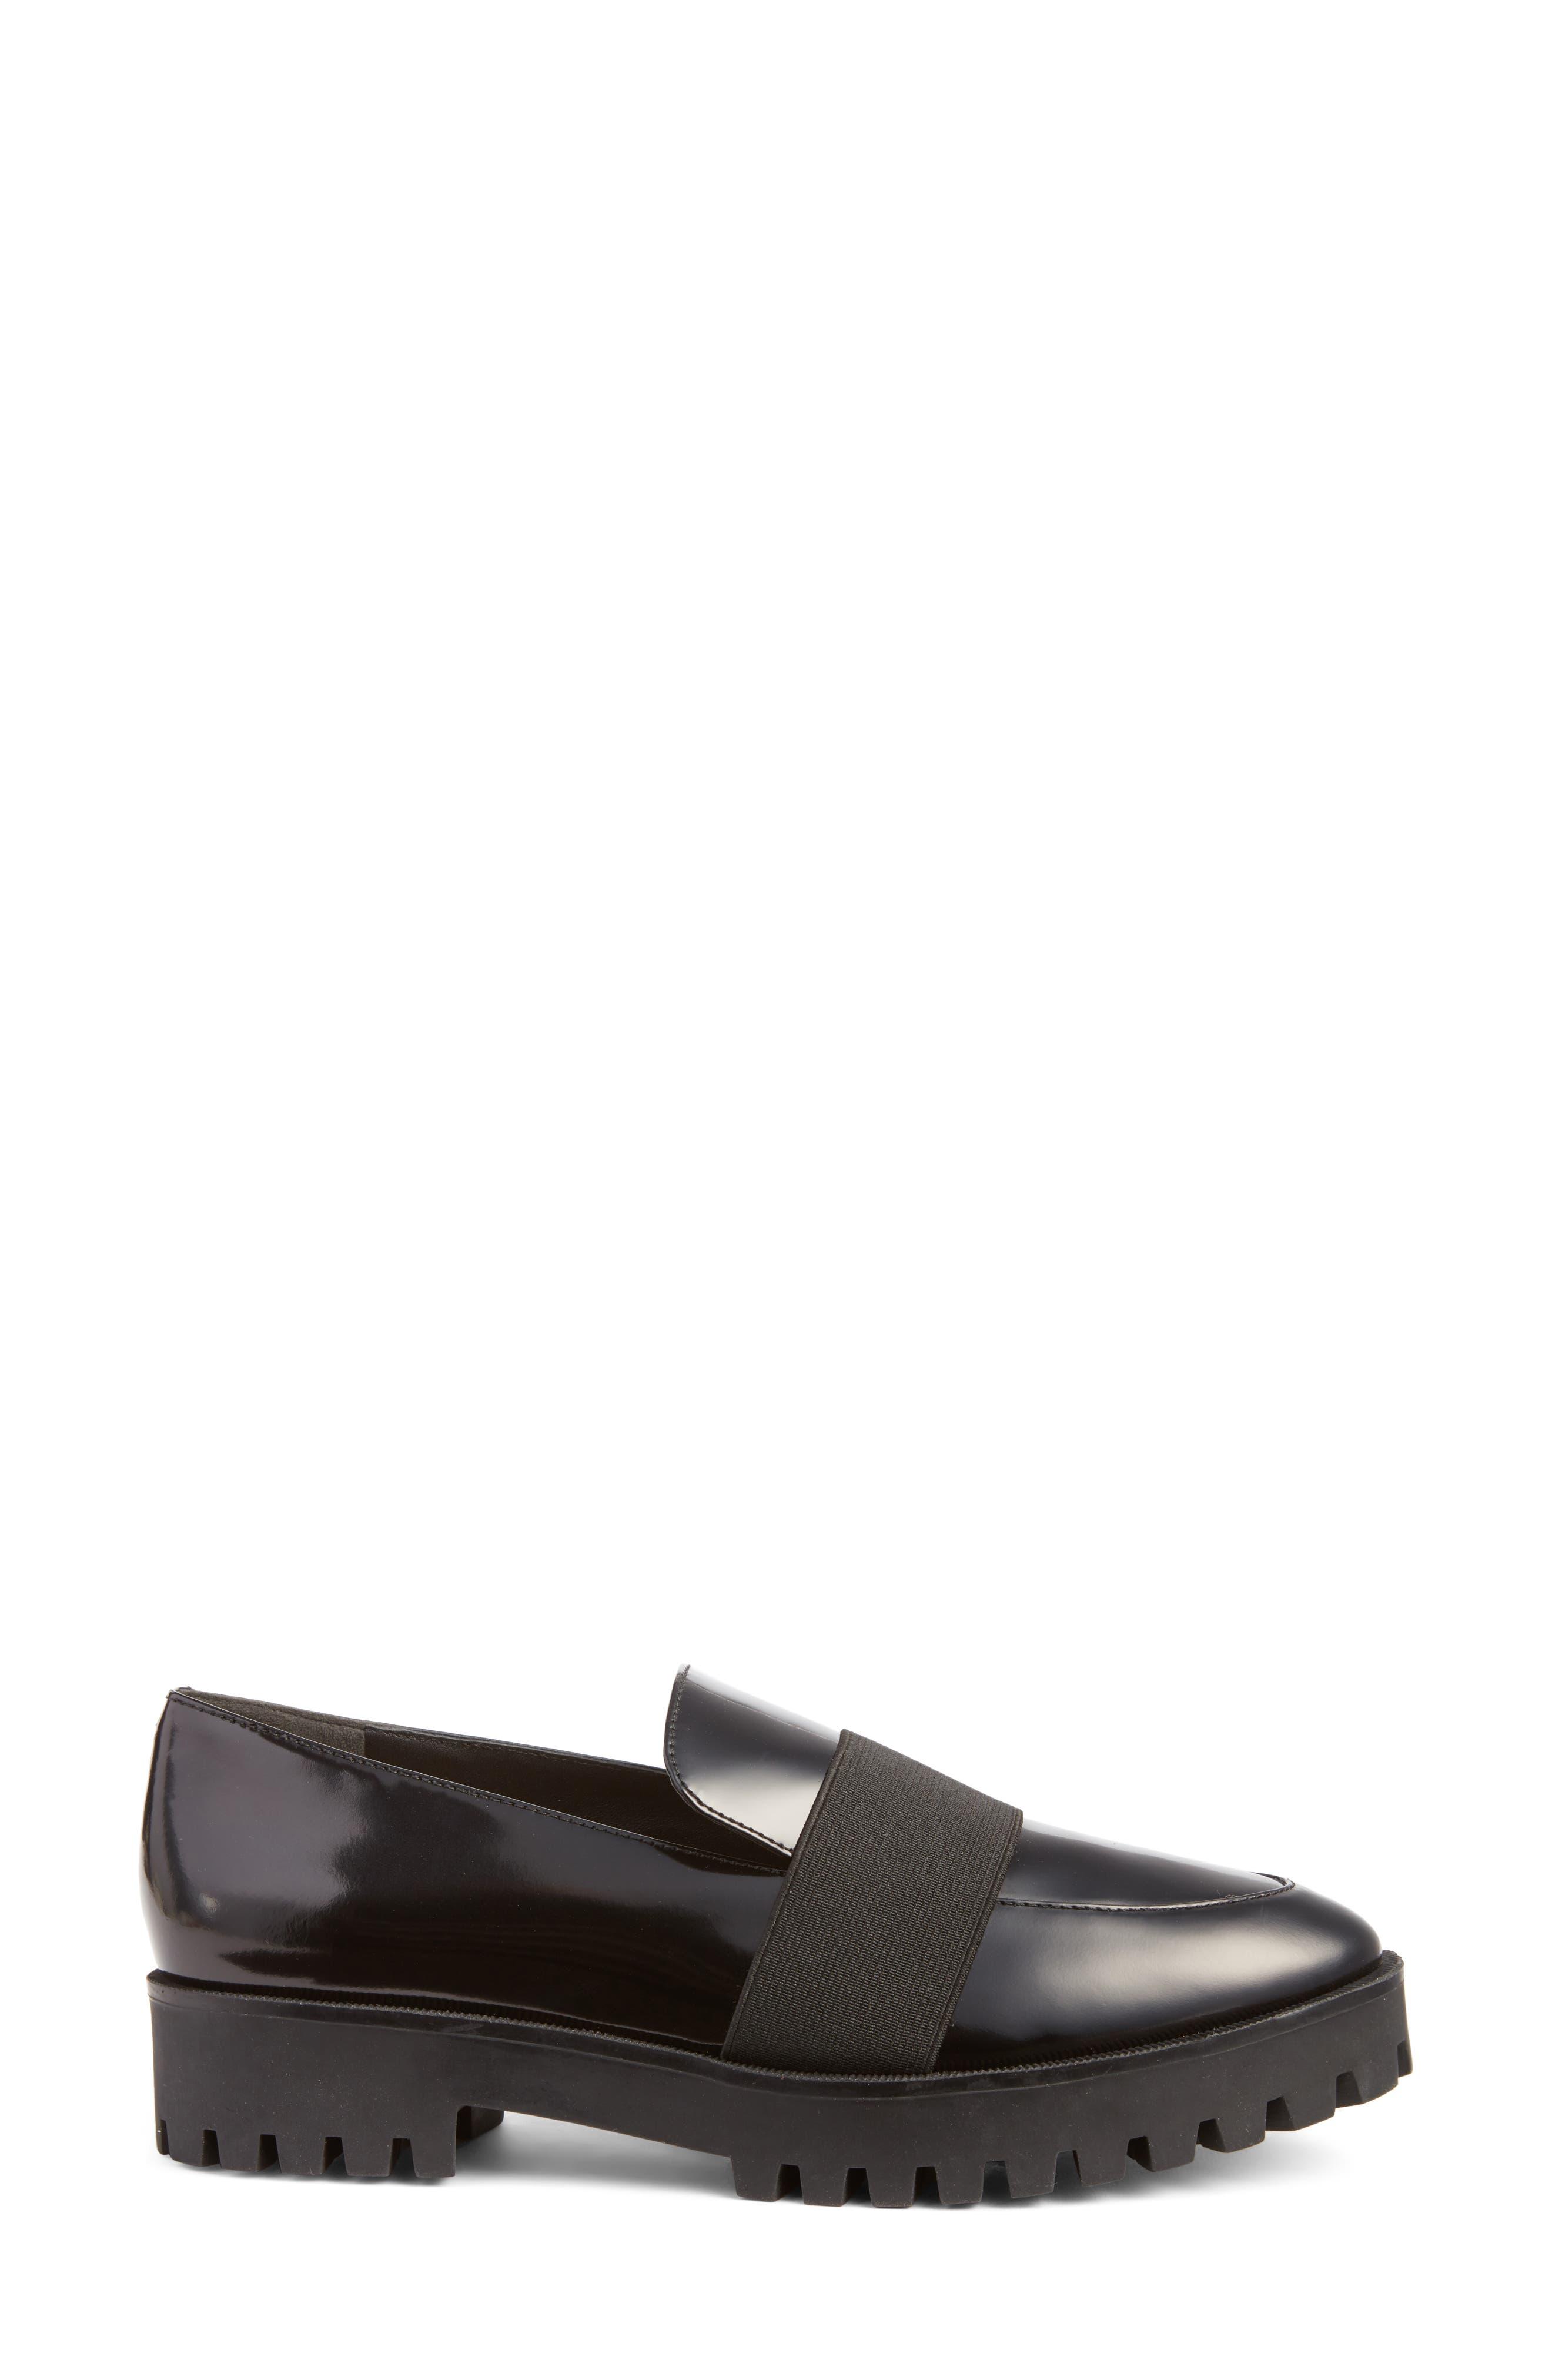 Gallo Platform Loafer,                             Alternate thumbnail 4, color,                             Black Leather